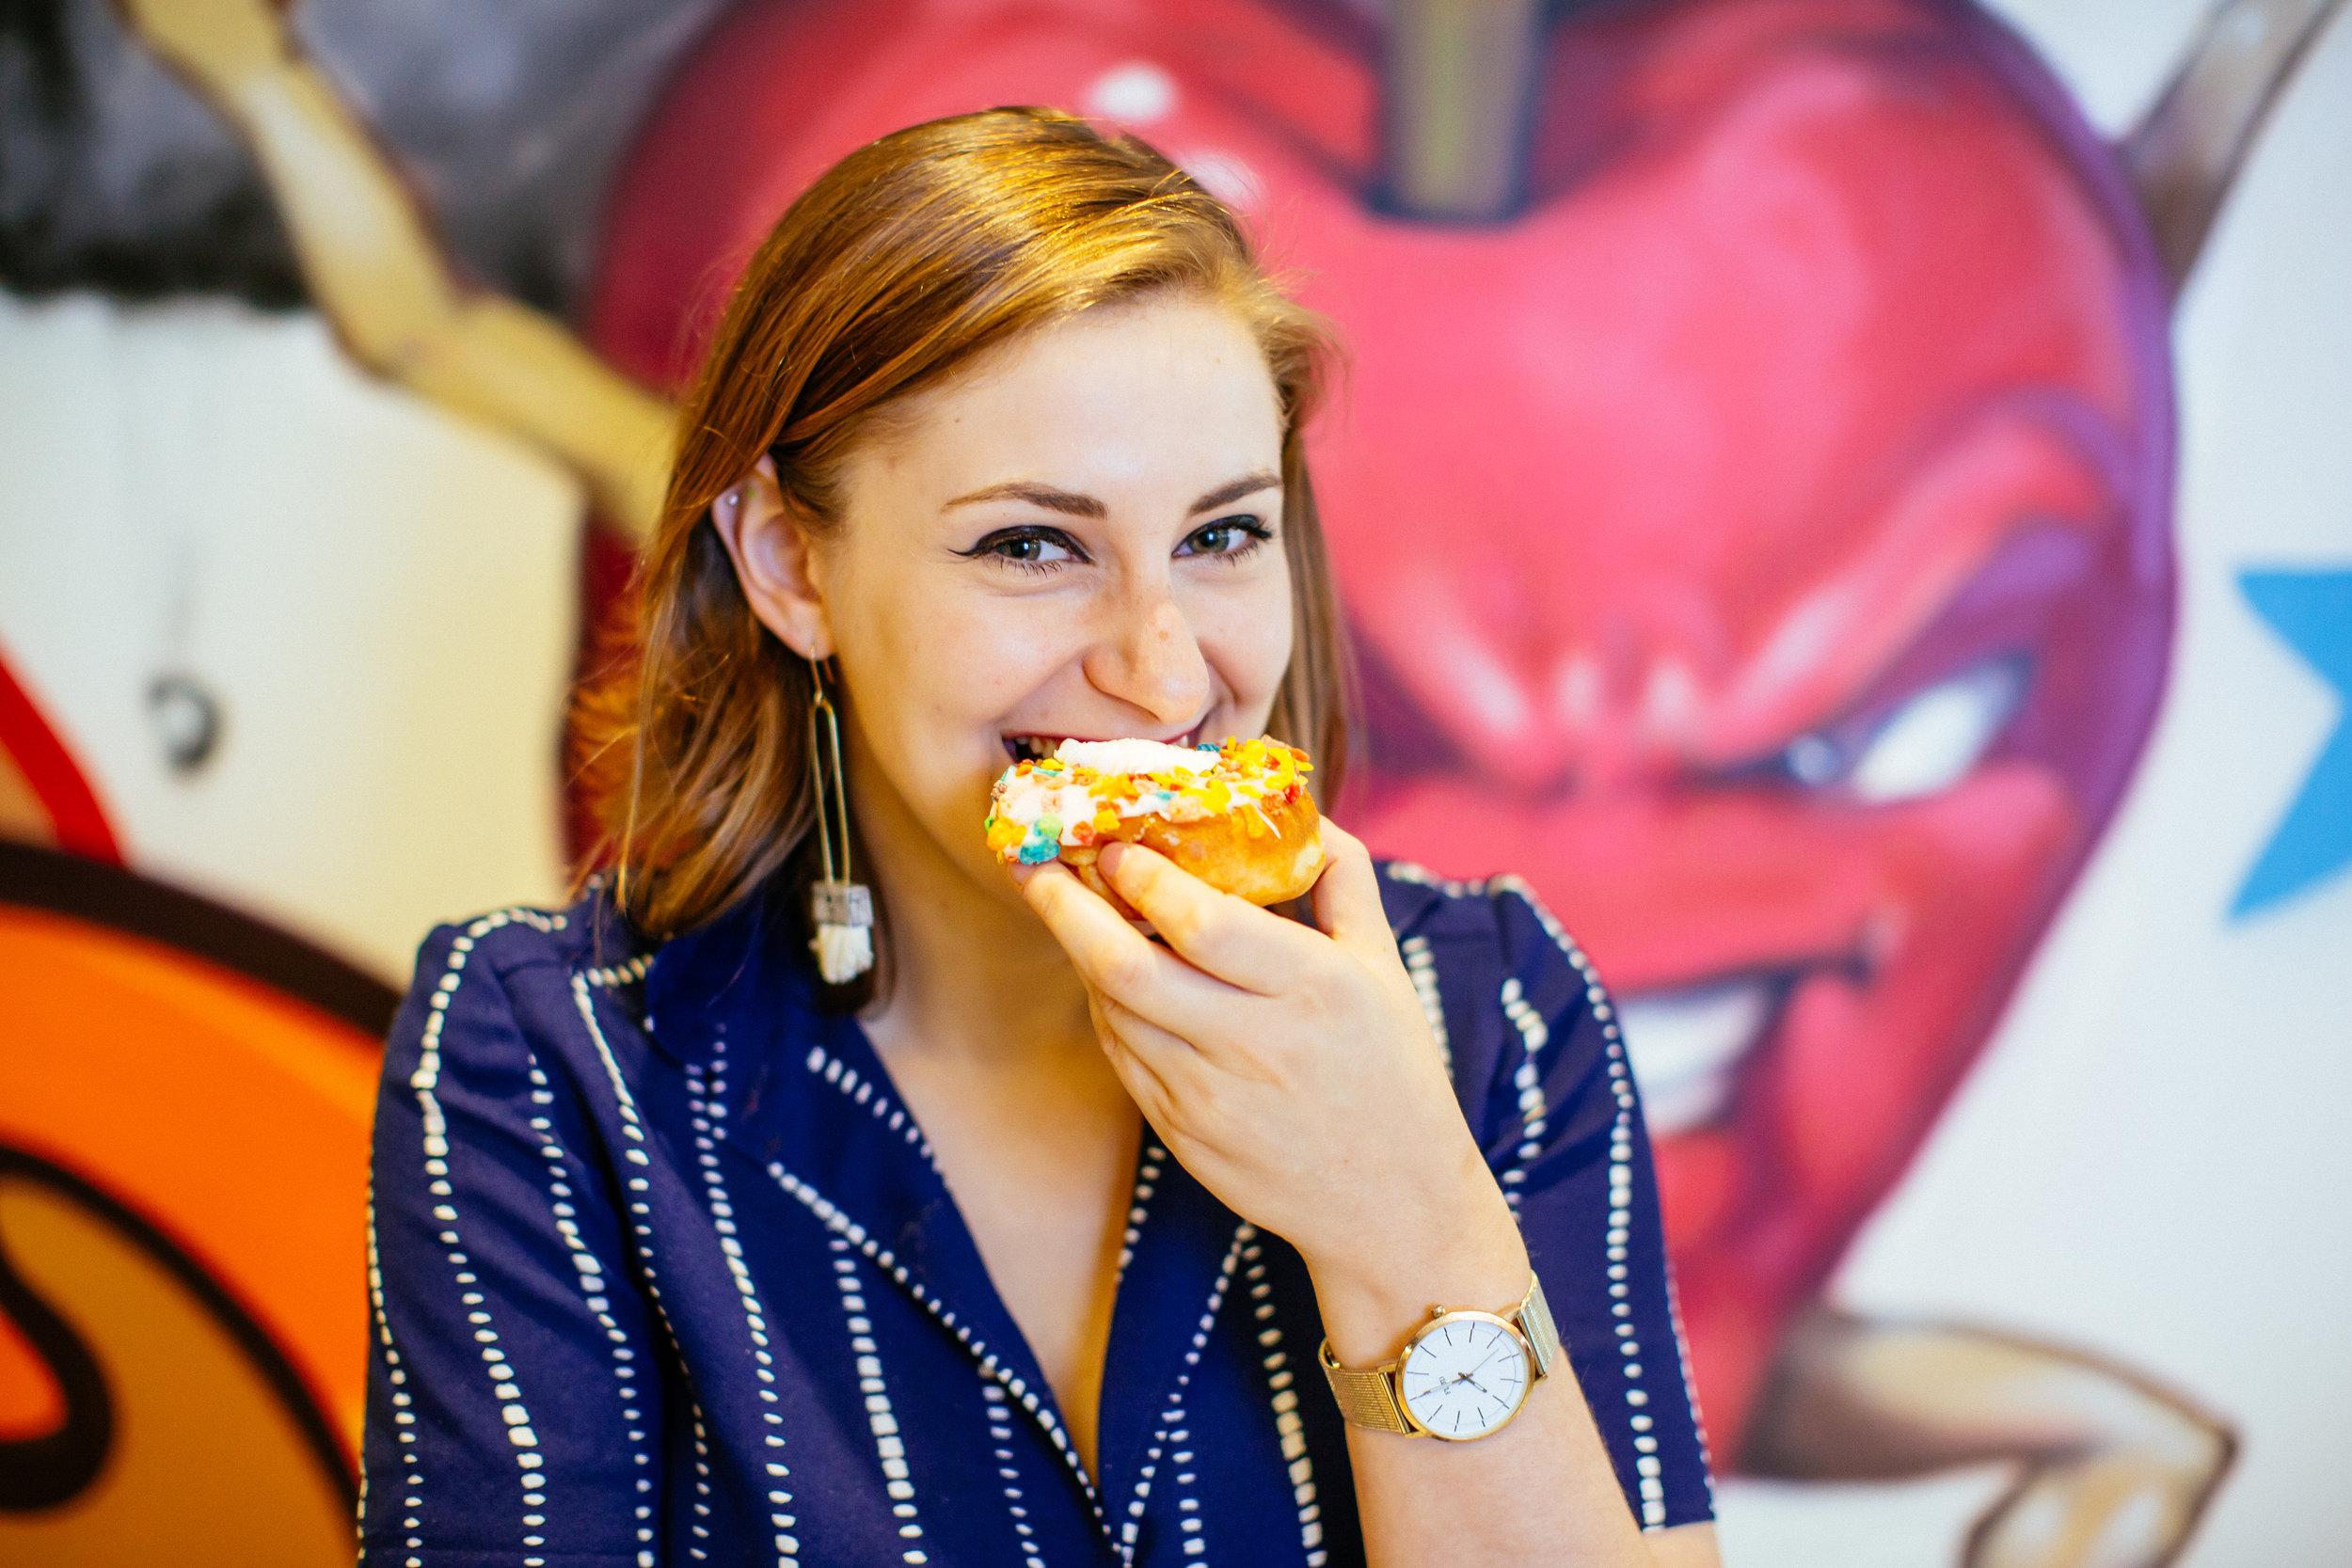 AMELIA EKUS PURSUES HER INTERESTS IN FOOD -